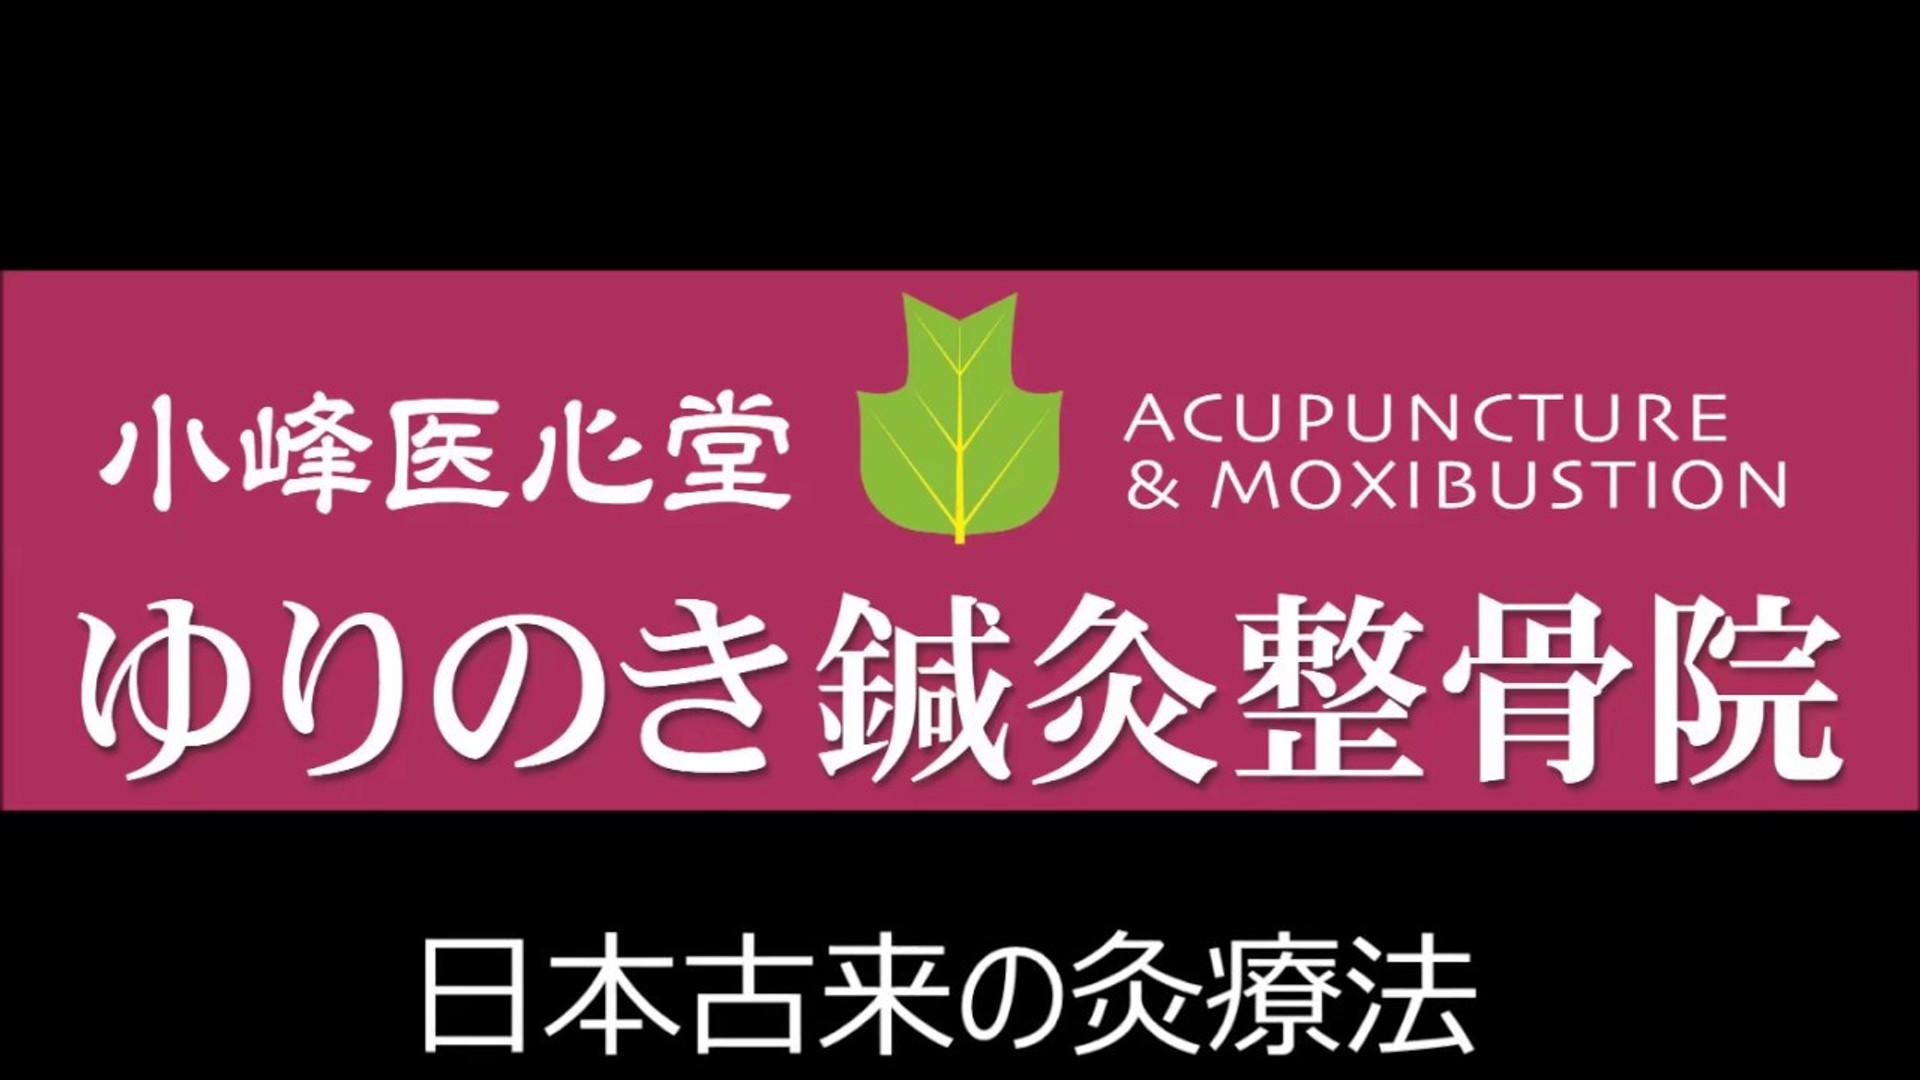 日本古来のお灸治療、三代目としての家伝のお灸治療